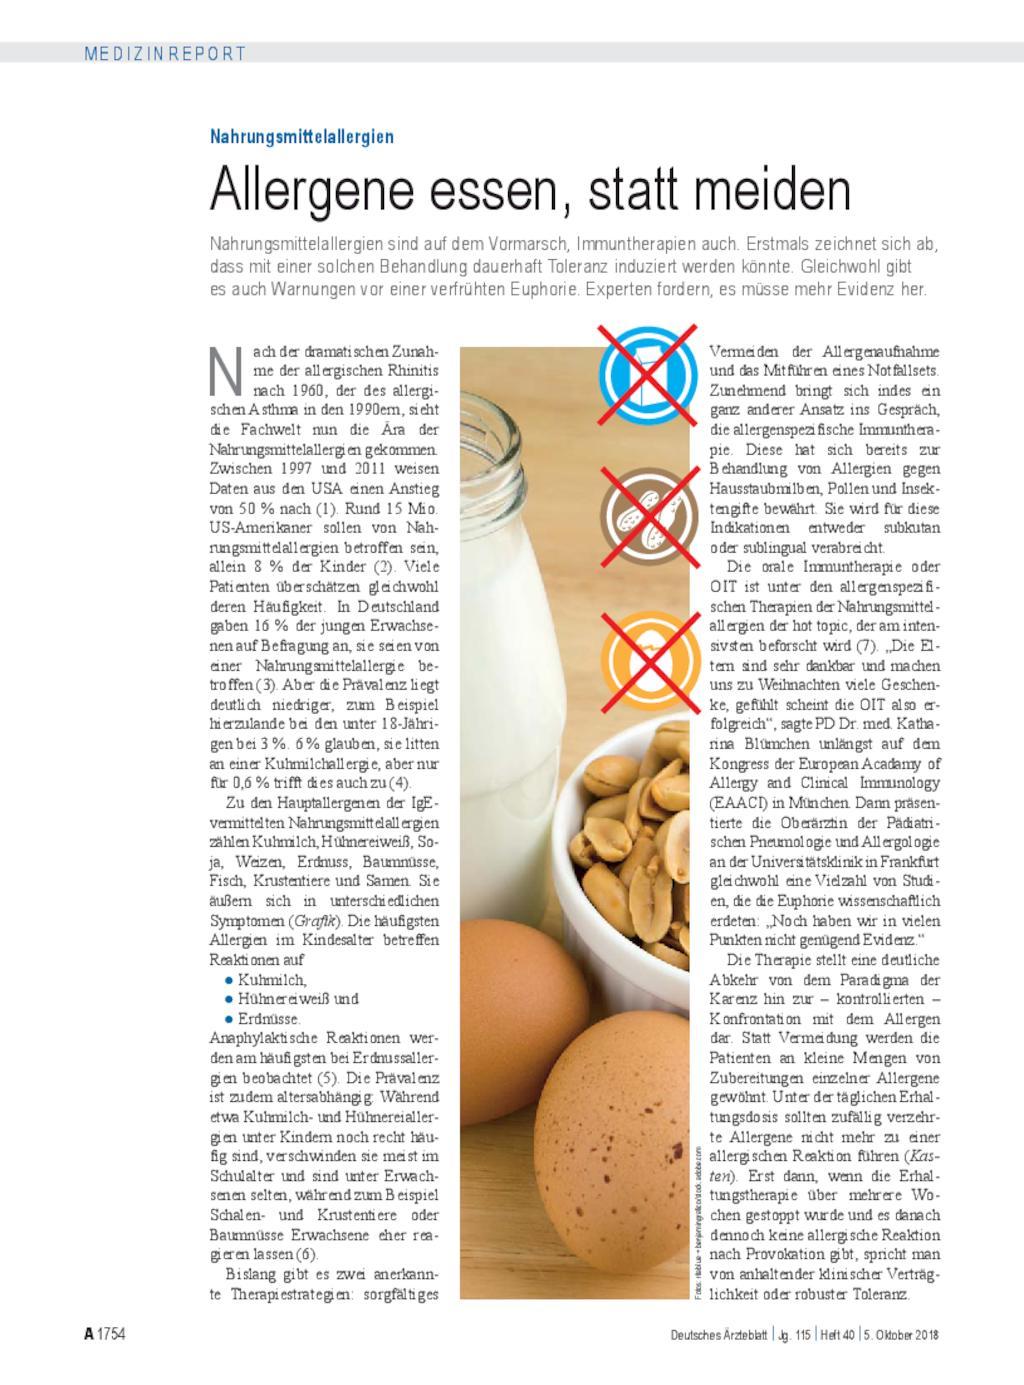 Nahrungsmittelallergien Allergene Essen Statt Meiden